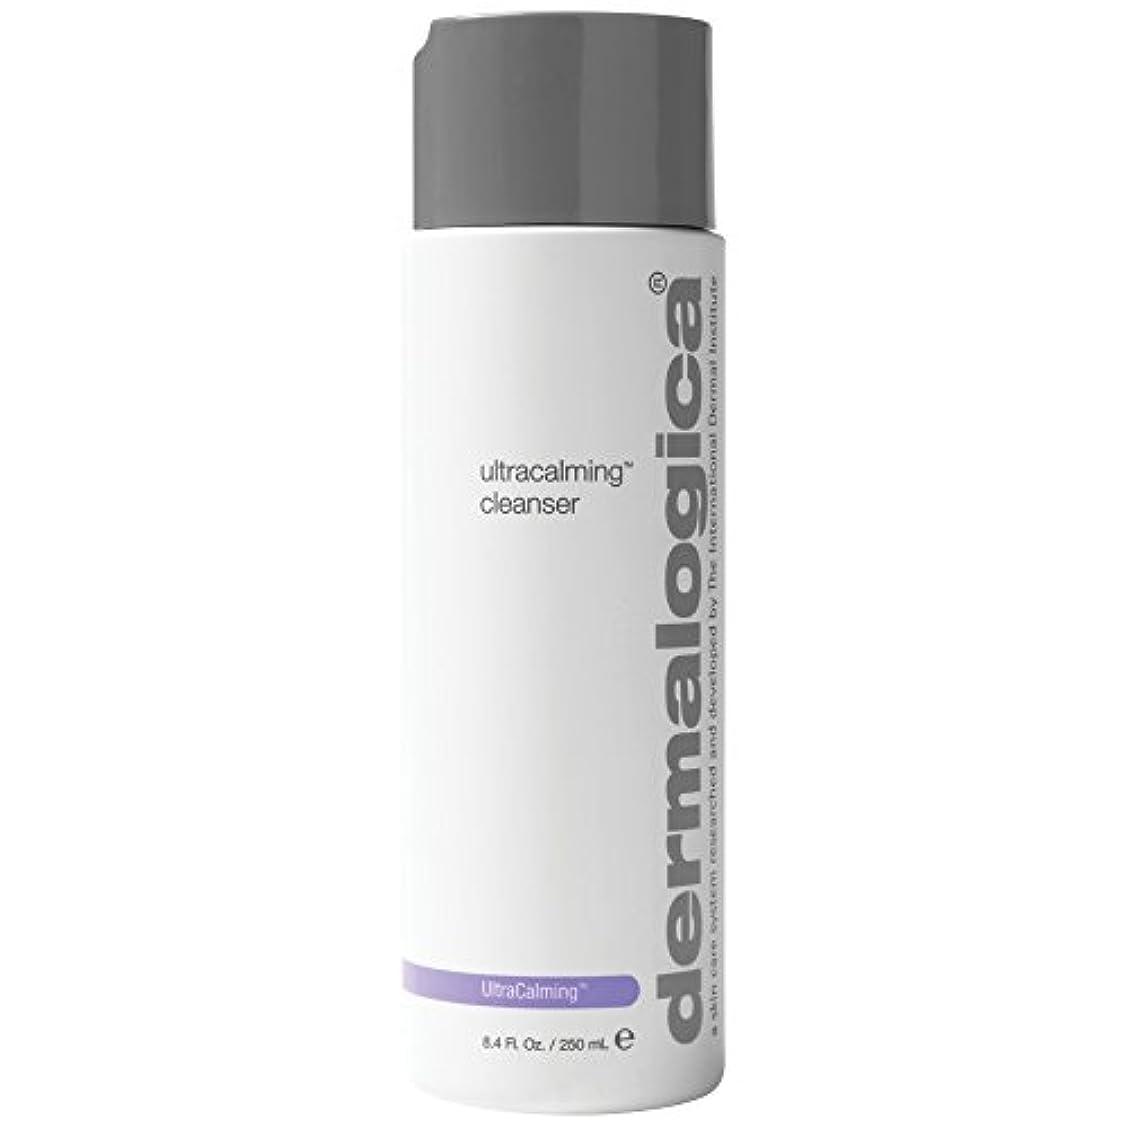 のり才能のある散らすダーマロジカUltracalming?クレンザーの250ミリリットル (Dermalogica) (x6) - Dermalogica UltraCalming? Cleanser 250ml (Pack of 6) [...